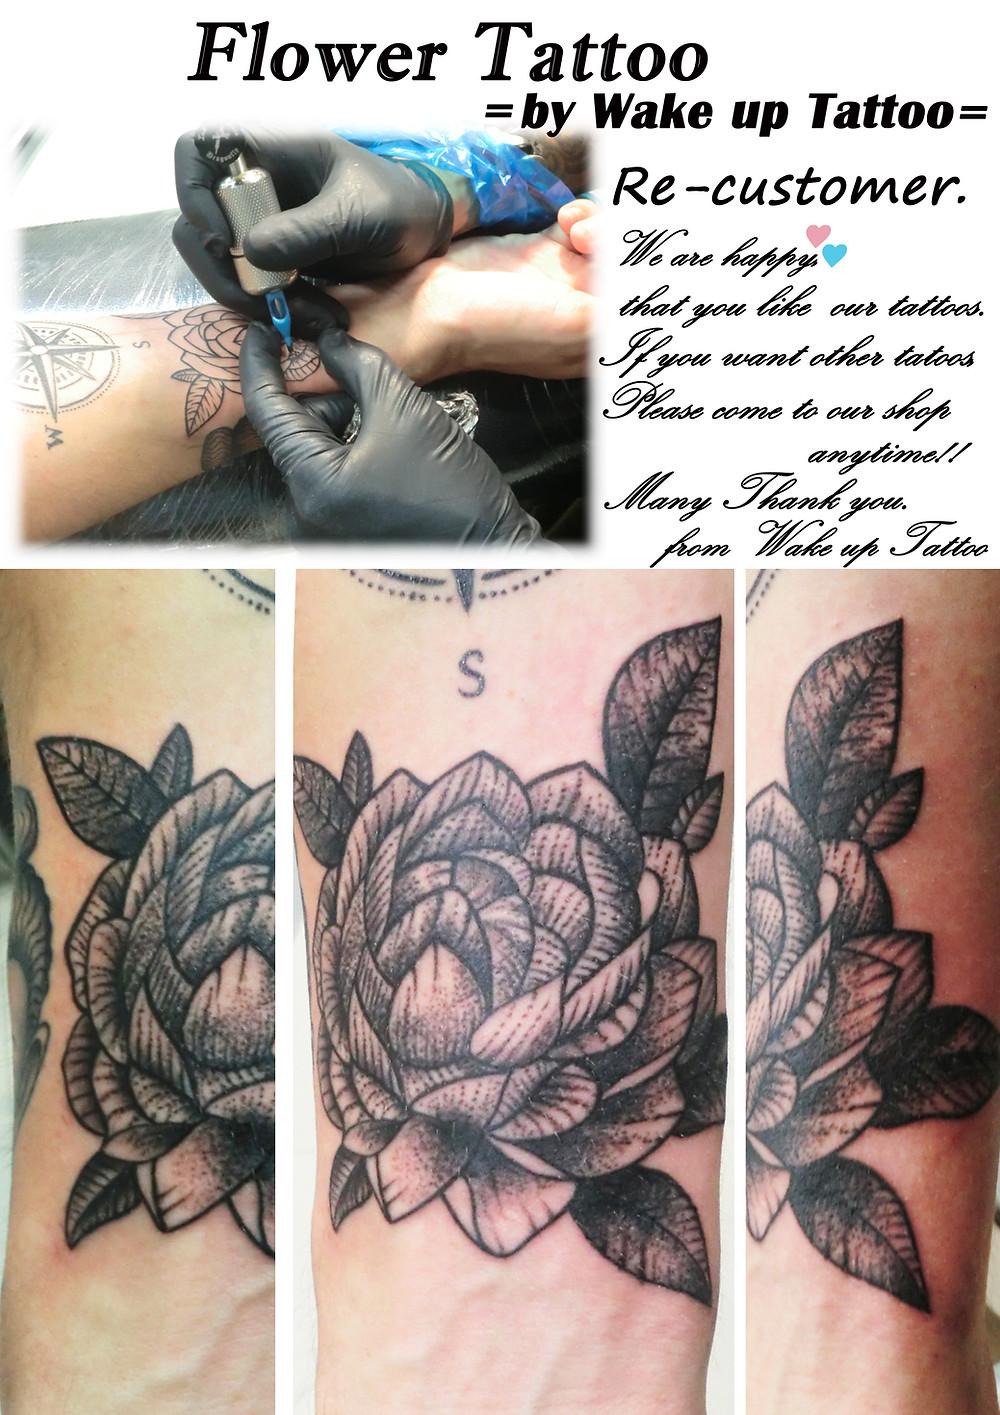 flower tattoo by Wake up Tattoo Phuket